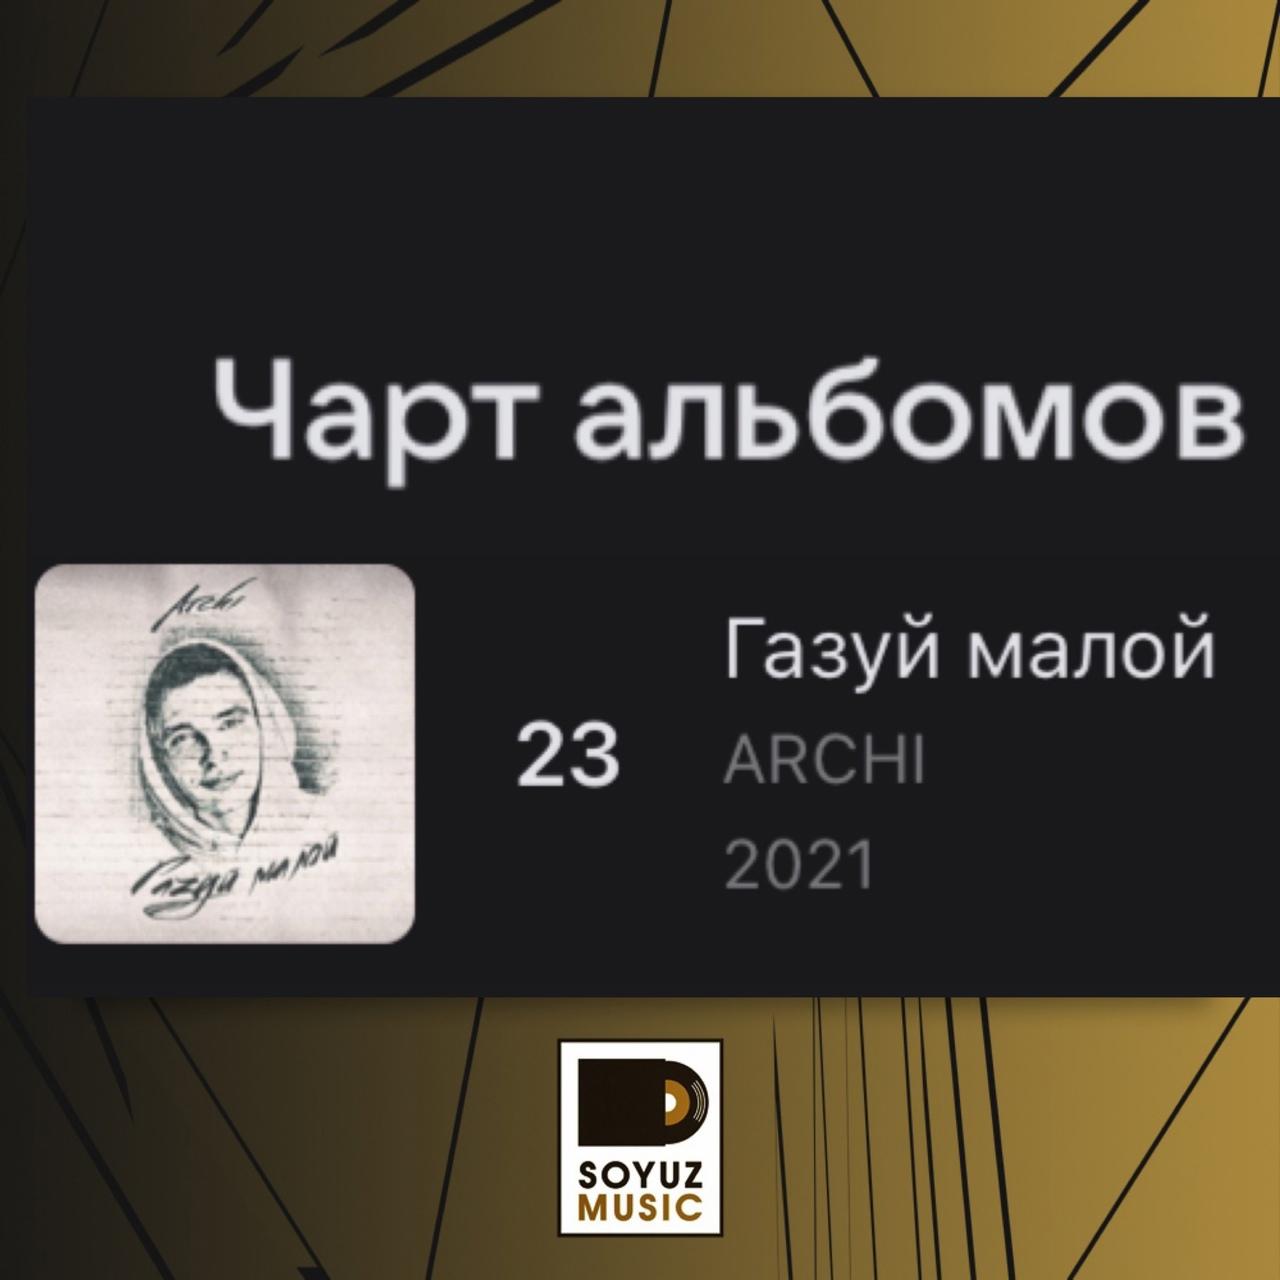 Новый альбом ARCHI «Газуй, малой» продолжает покорять чарты!